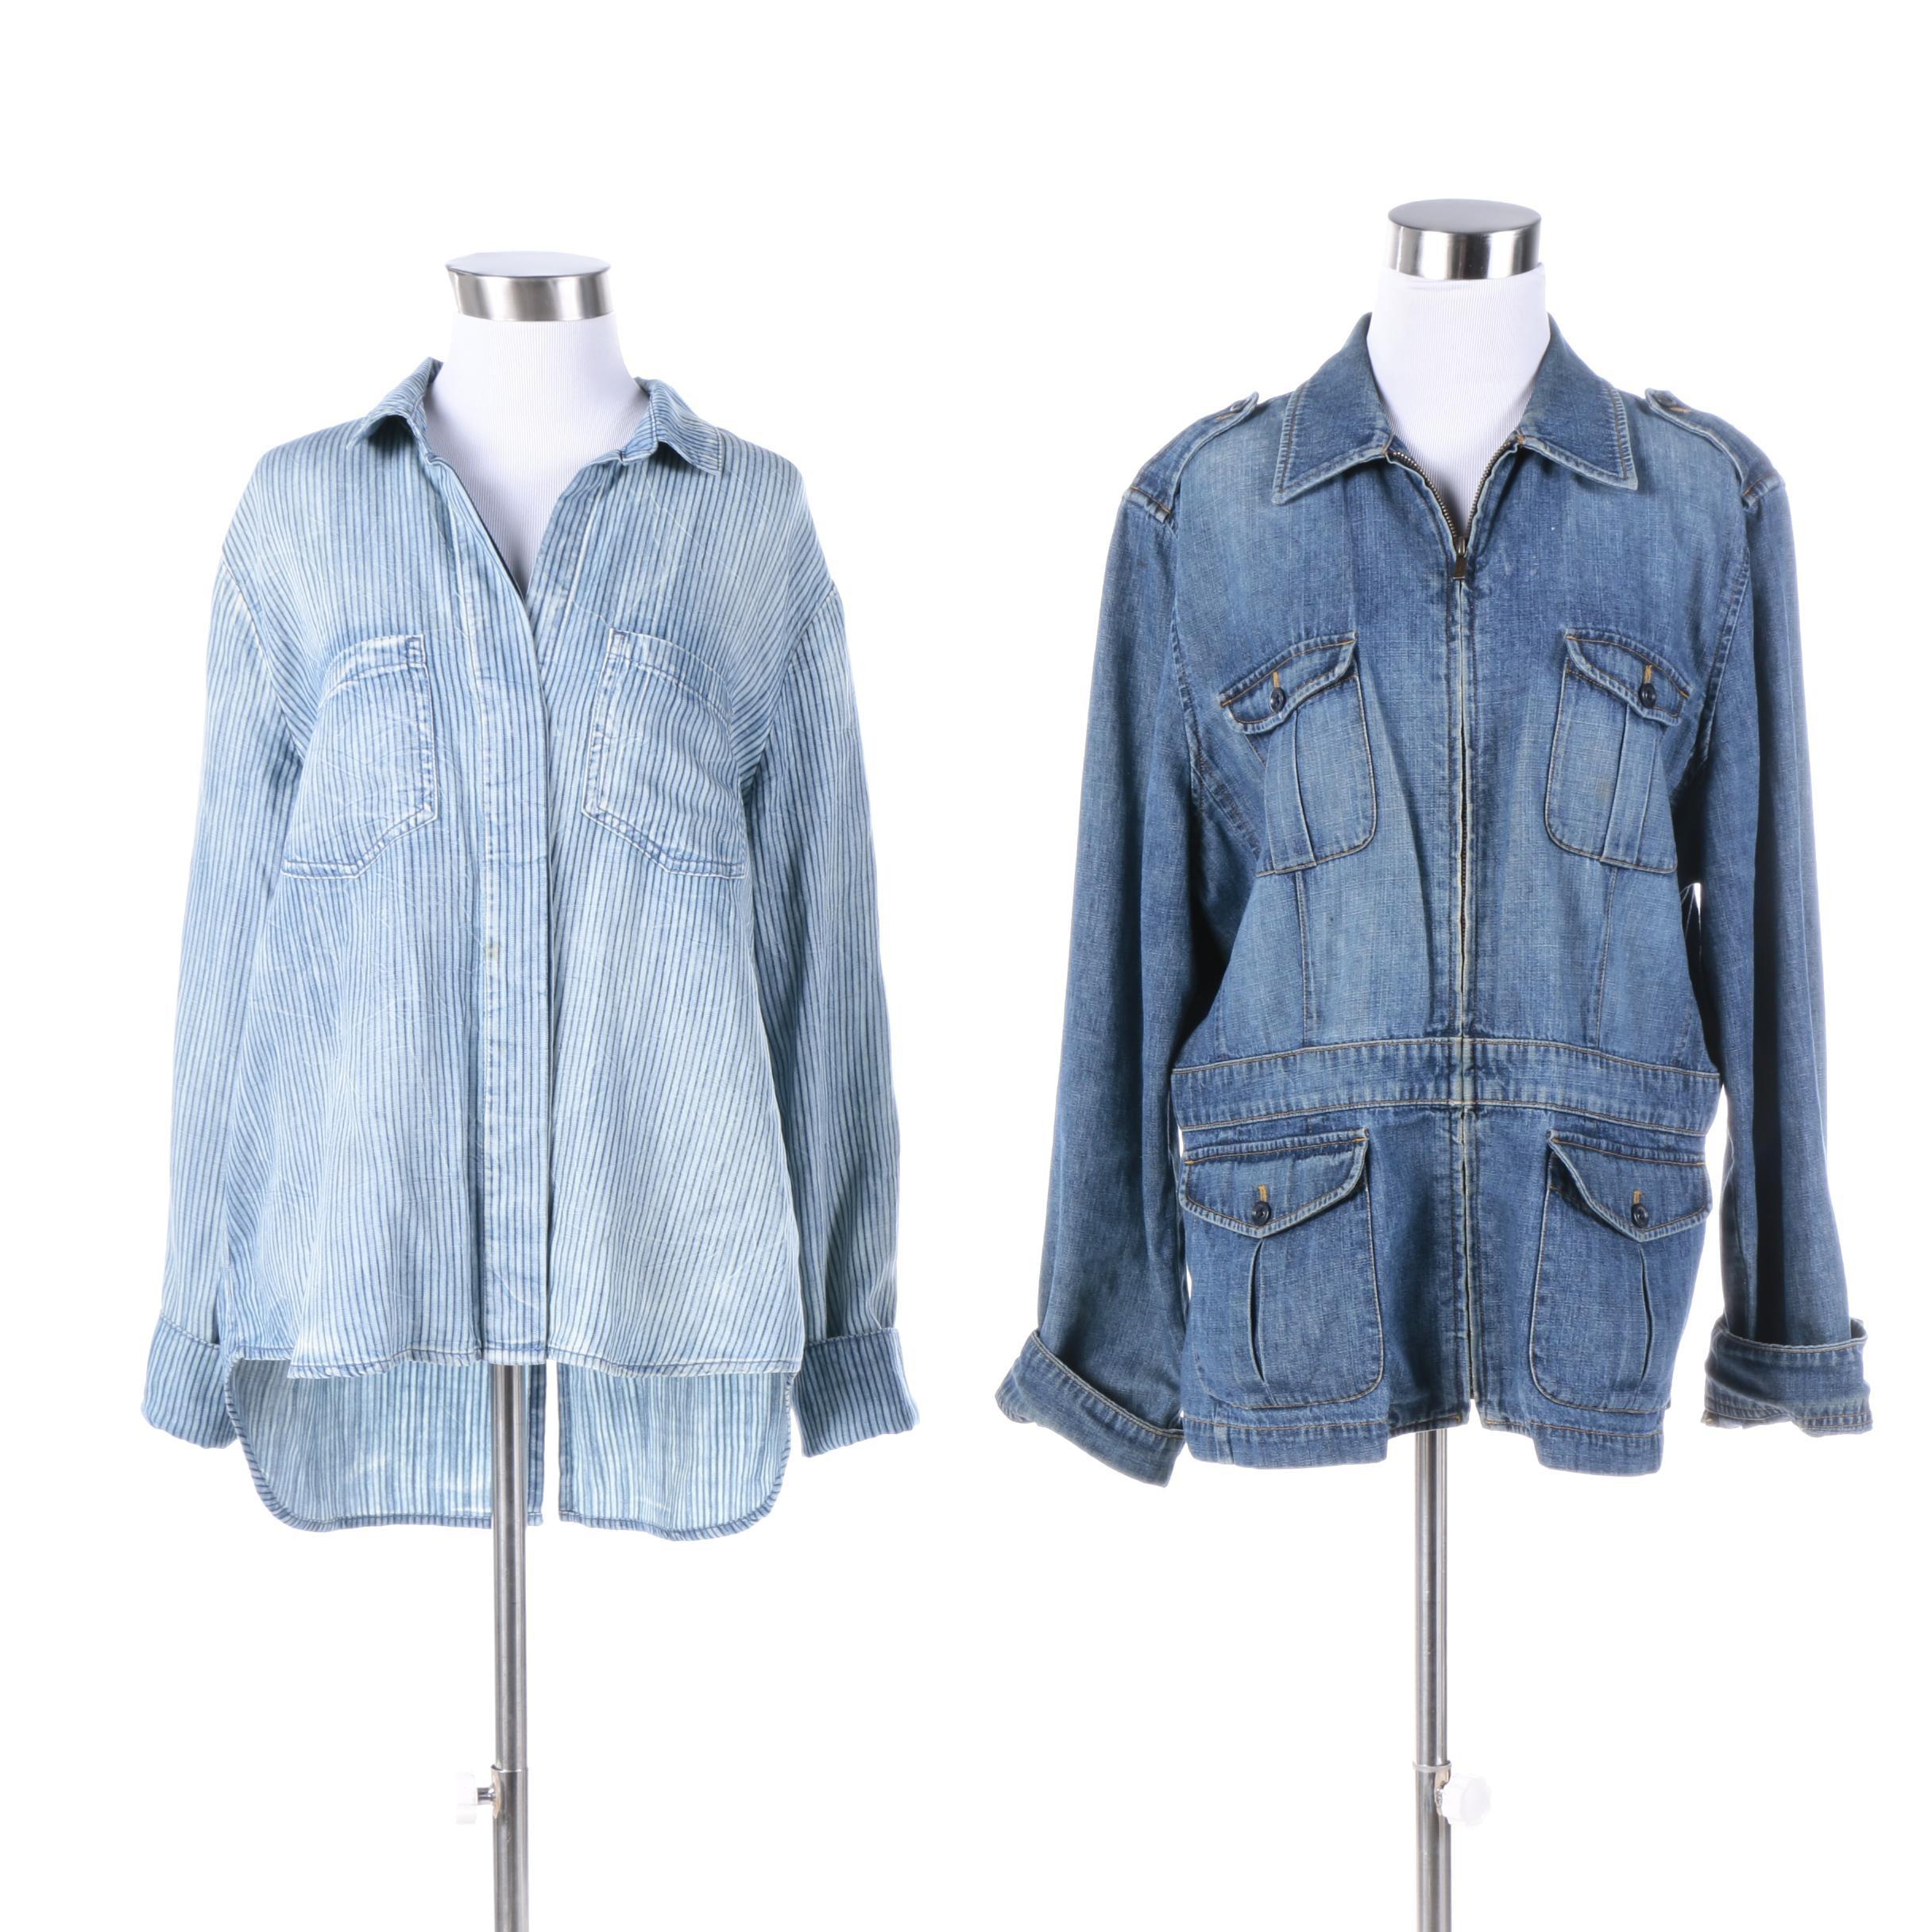 Women's Tencel Shirt and LAUREN Ralph Lauren Bali Denim Jacket